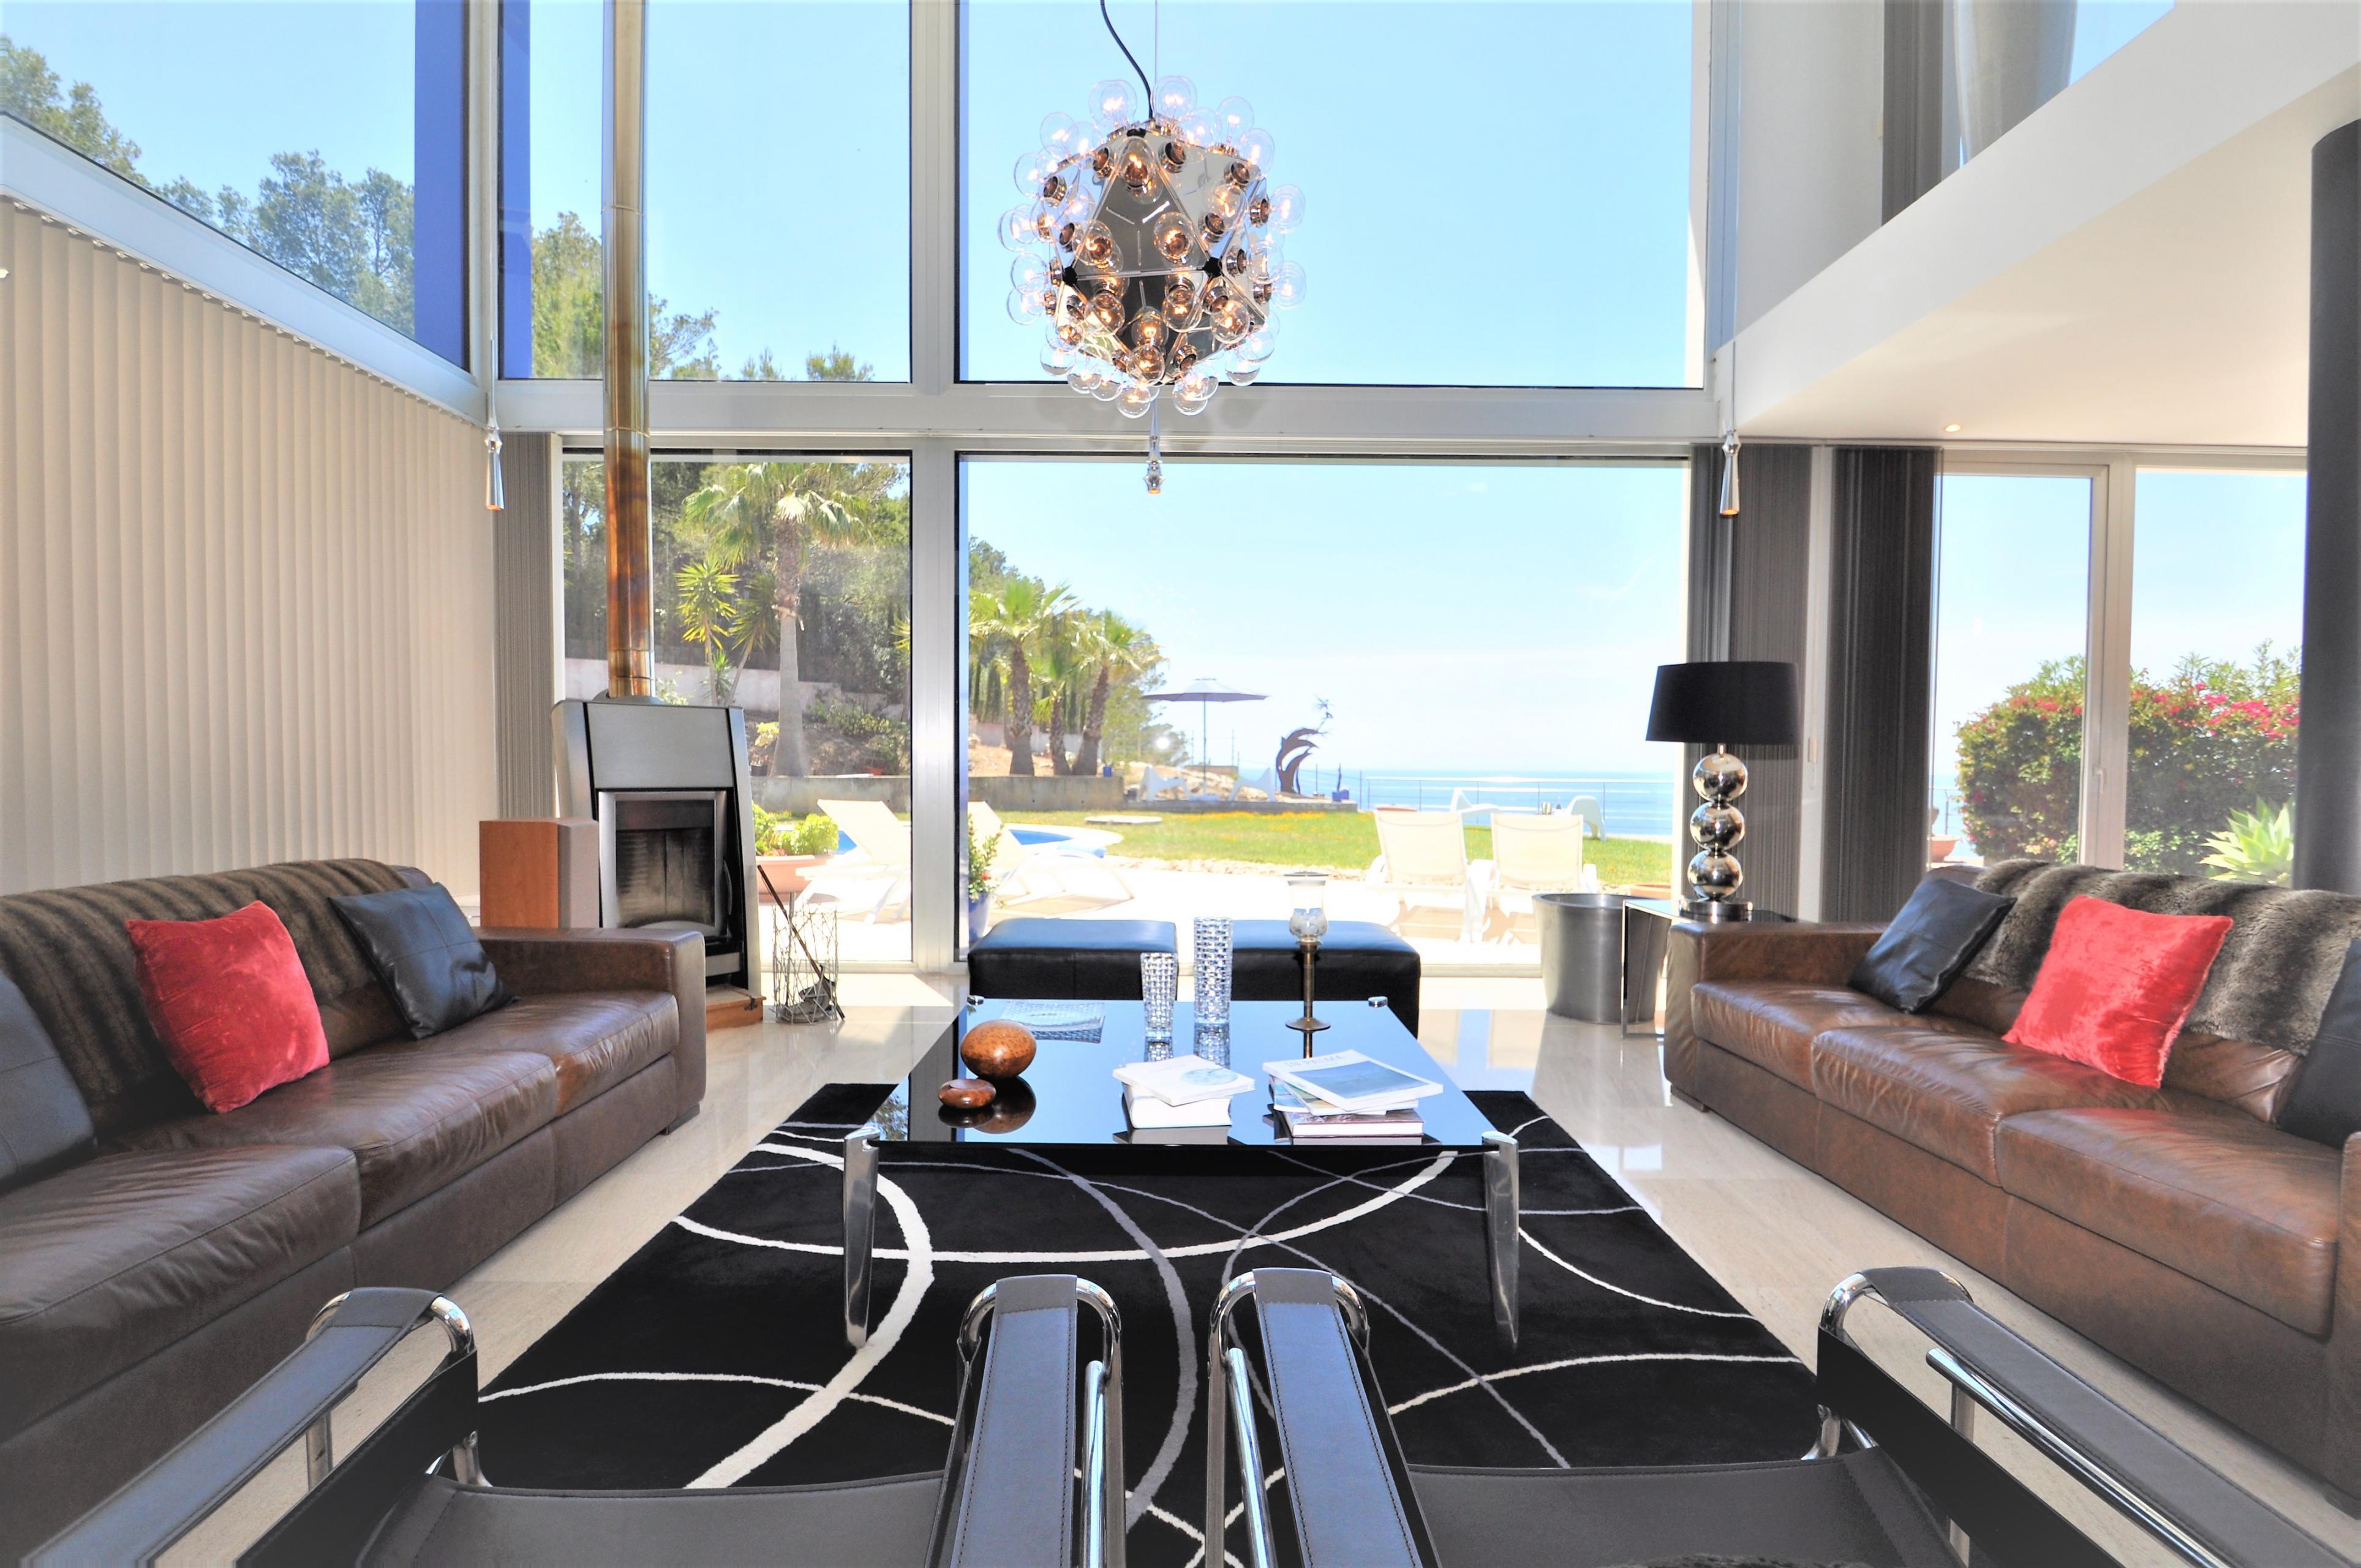 Maison de vacances VILLA BAY BLUE- Bahia Azul- Mallorca - VILLAONLINE - Kostenloses WLAN (2684052), Bahia Azul, Majorque, Iles Baléares, Espagne, image 16